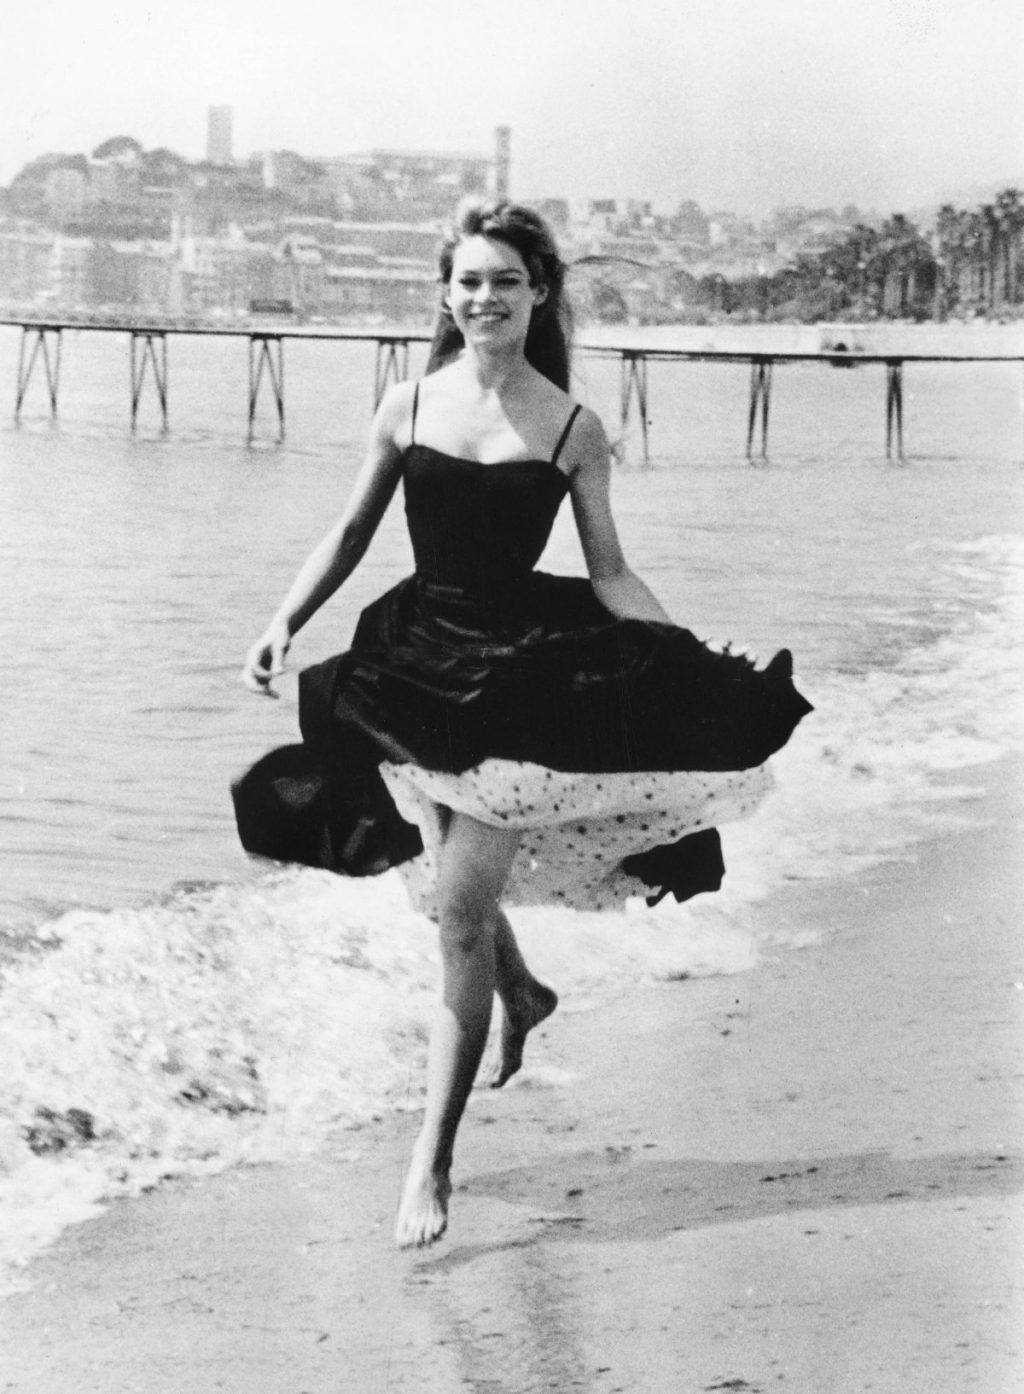 Những khoảnh khắc đáng nhớ trong lịch sử Liên hoan phim Cannes - 05